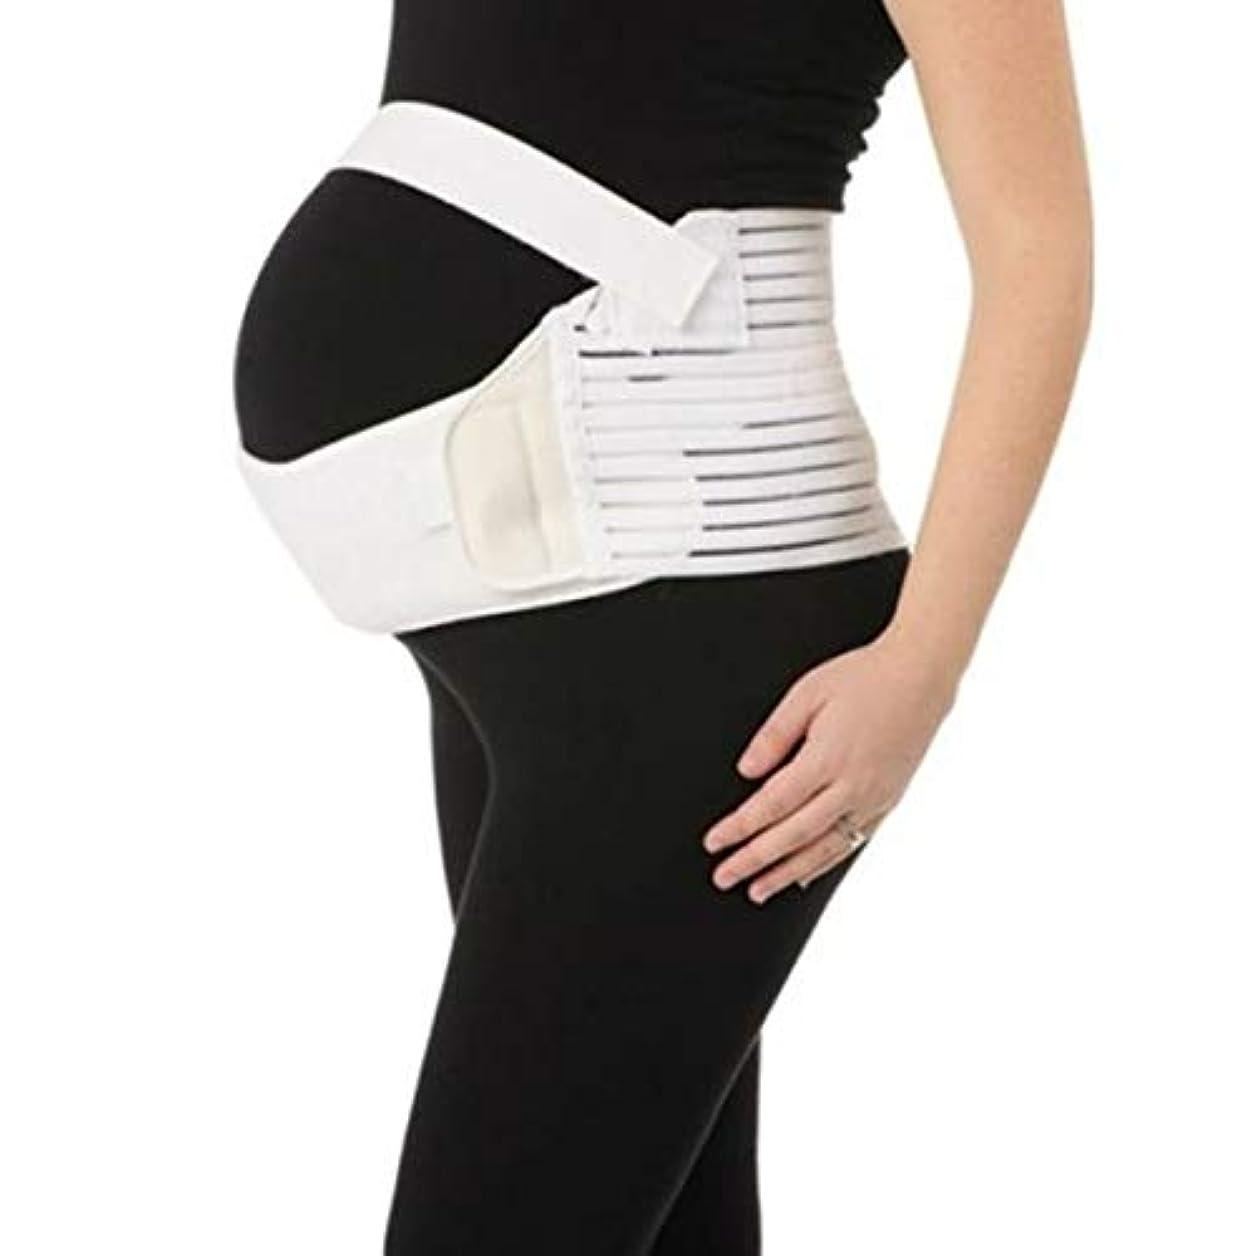 ミリメートルスペクトラム補充通気性マタニティベルト妊娠腹部サポート腹部バインダーガードル運動包帯産後回復形状ウェア - ホワイトXL